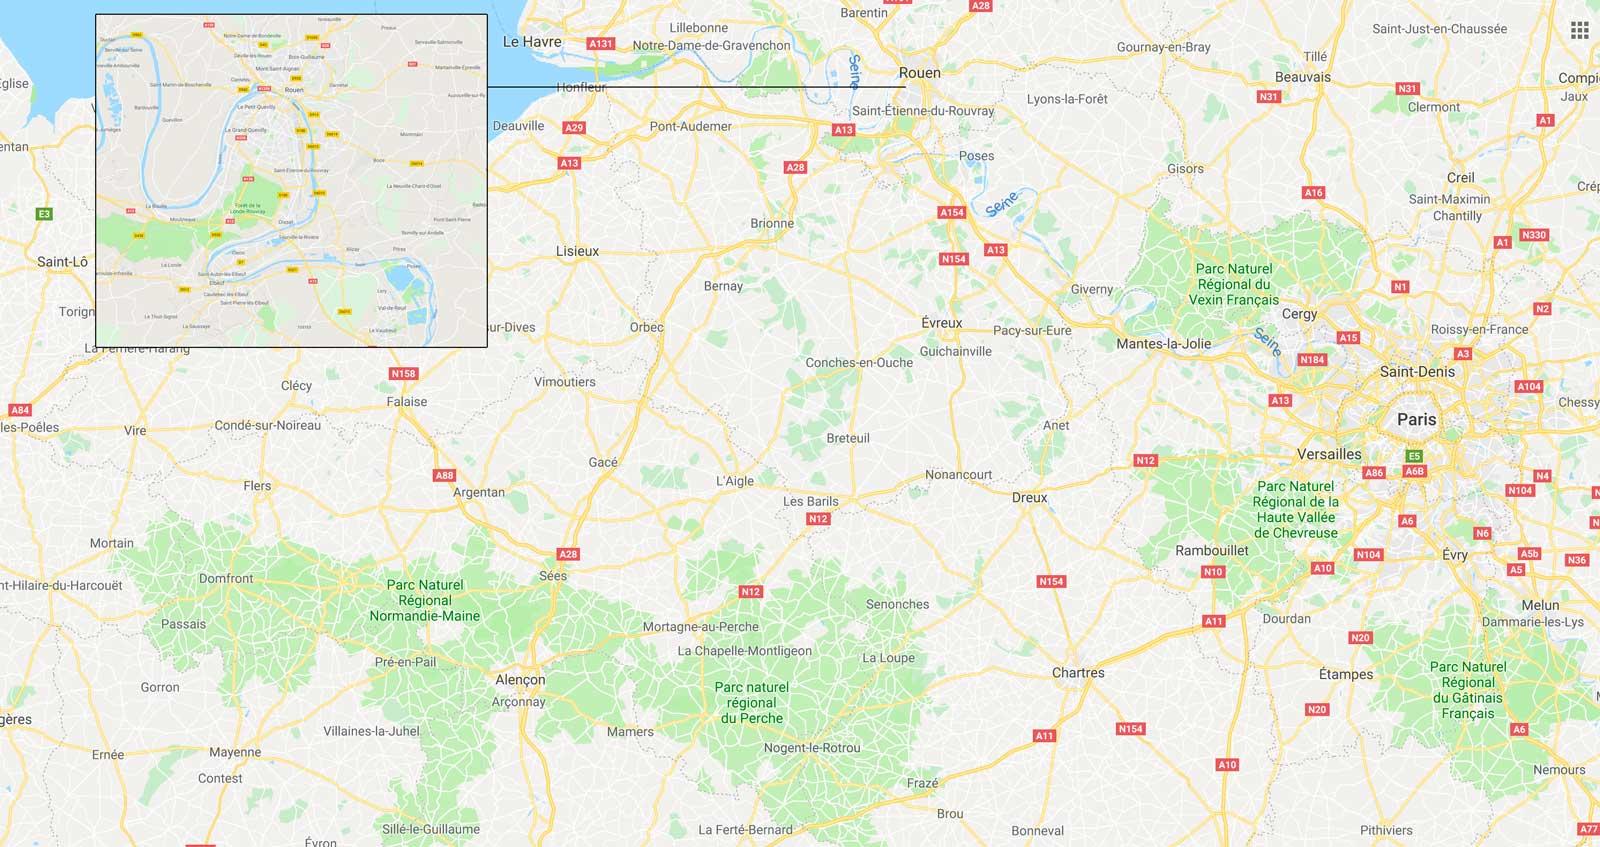 Parcs régionaux et forêts en Normandie, autour de Rouen, et dans les régions environnantes.